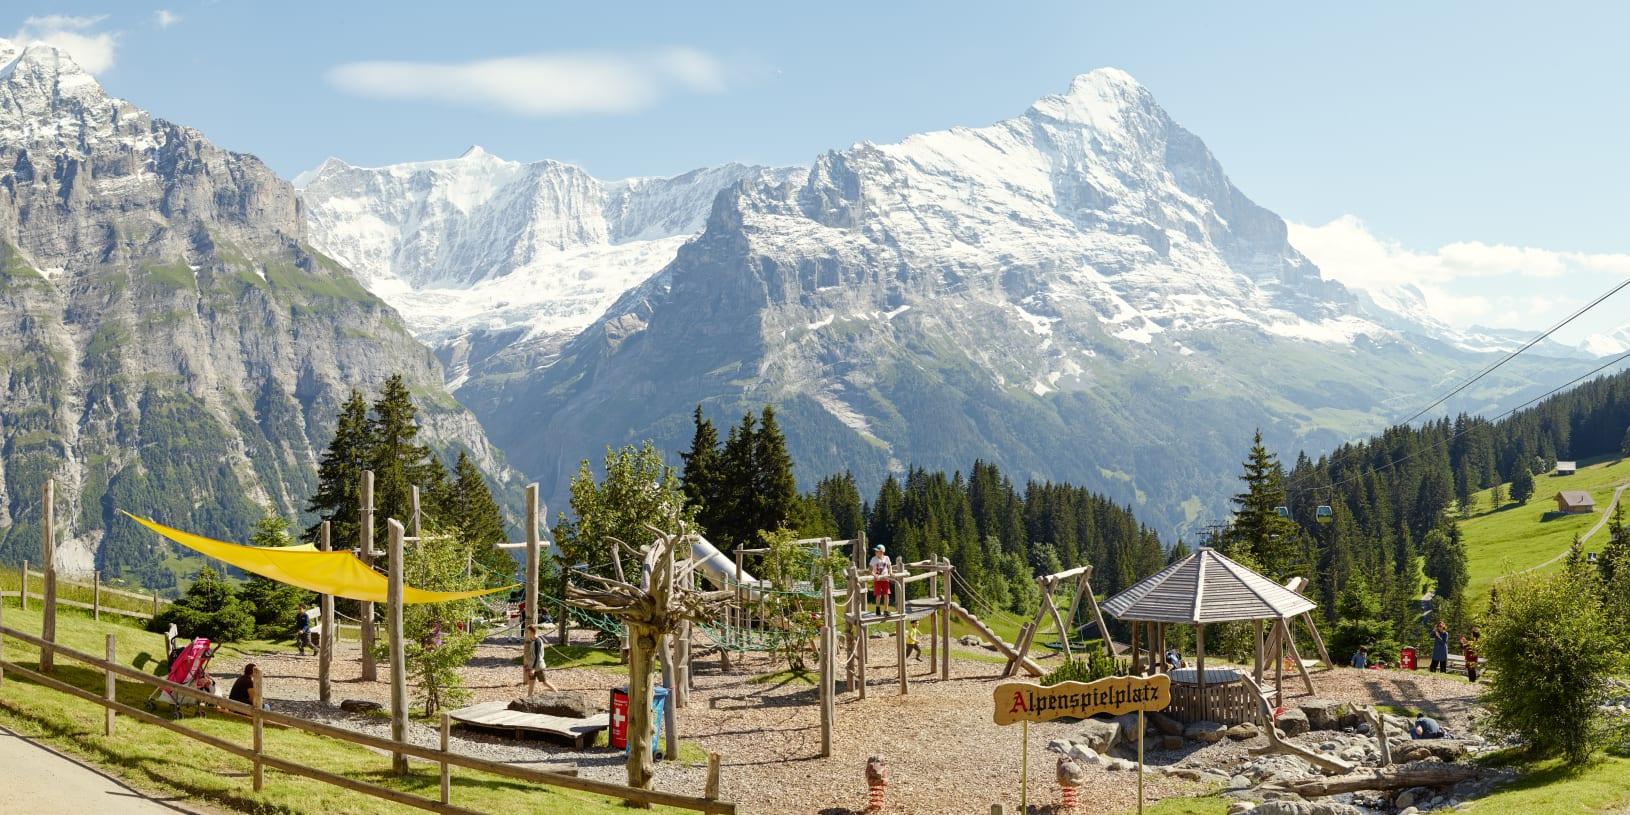 Grindelwald Alpenspielplatz Bort Kinder Eiger Sommer